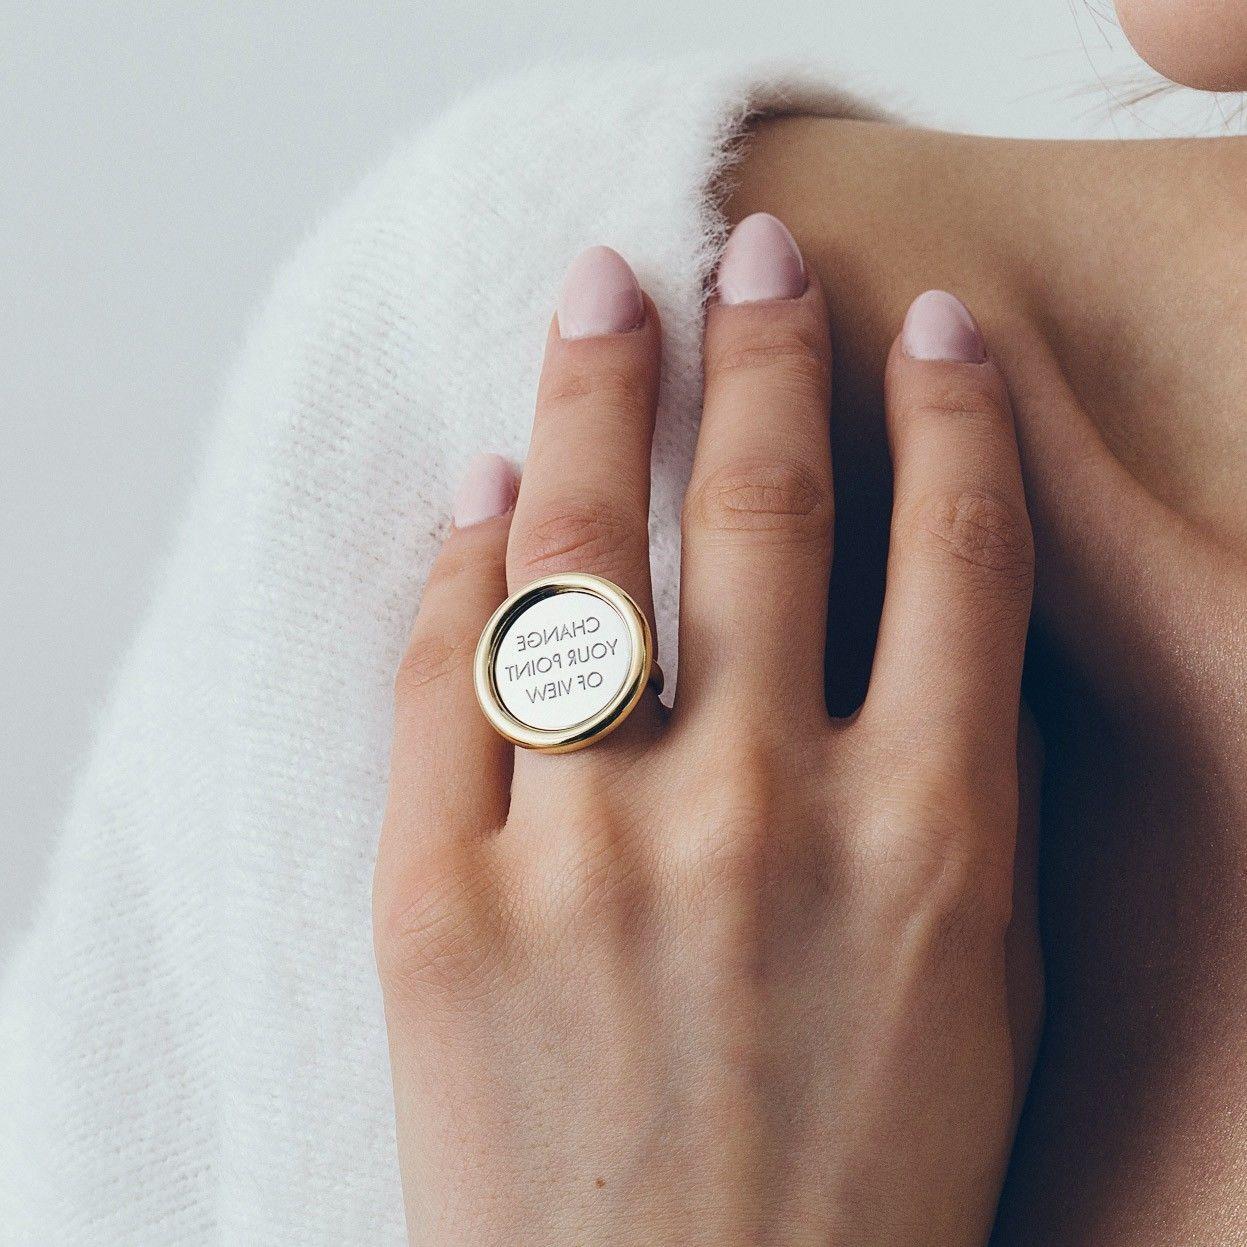 Srebrny pierścionek lustro, grawer, srebro 925 : ROZMIAR PIERŚCIONKA - 15 UK:P 17,33 MM, Srebro - kolor pokrycia - Pokrycie platyną